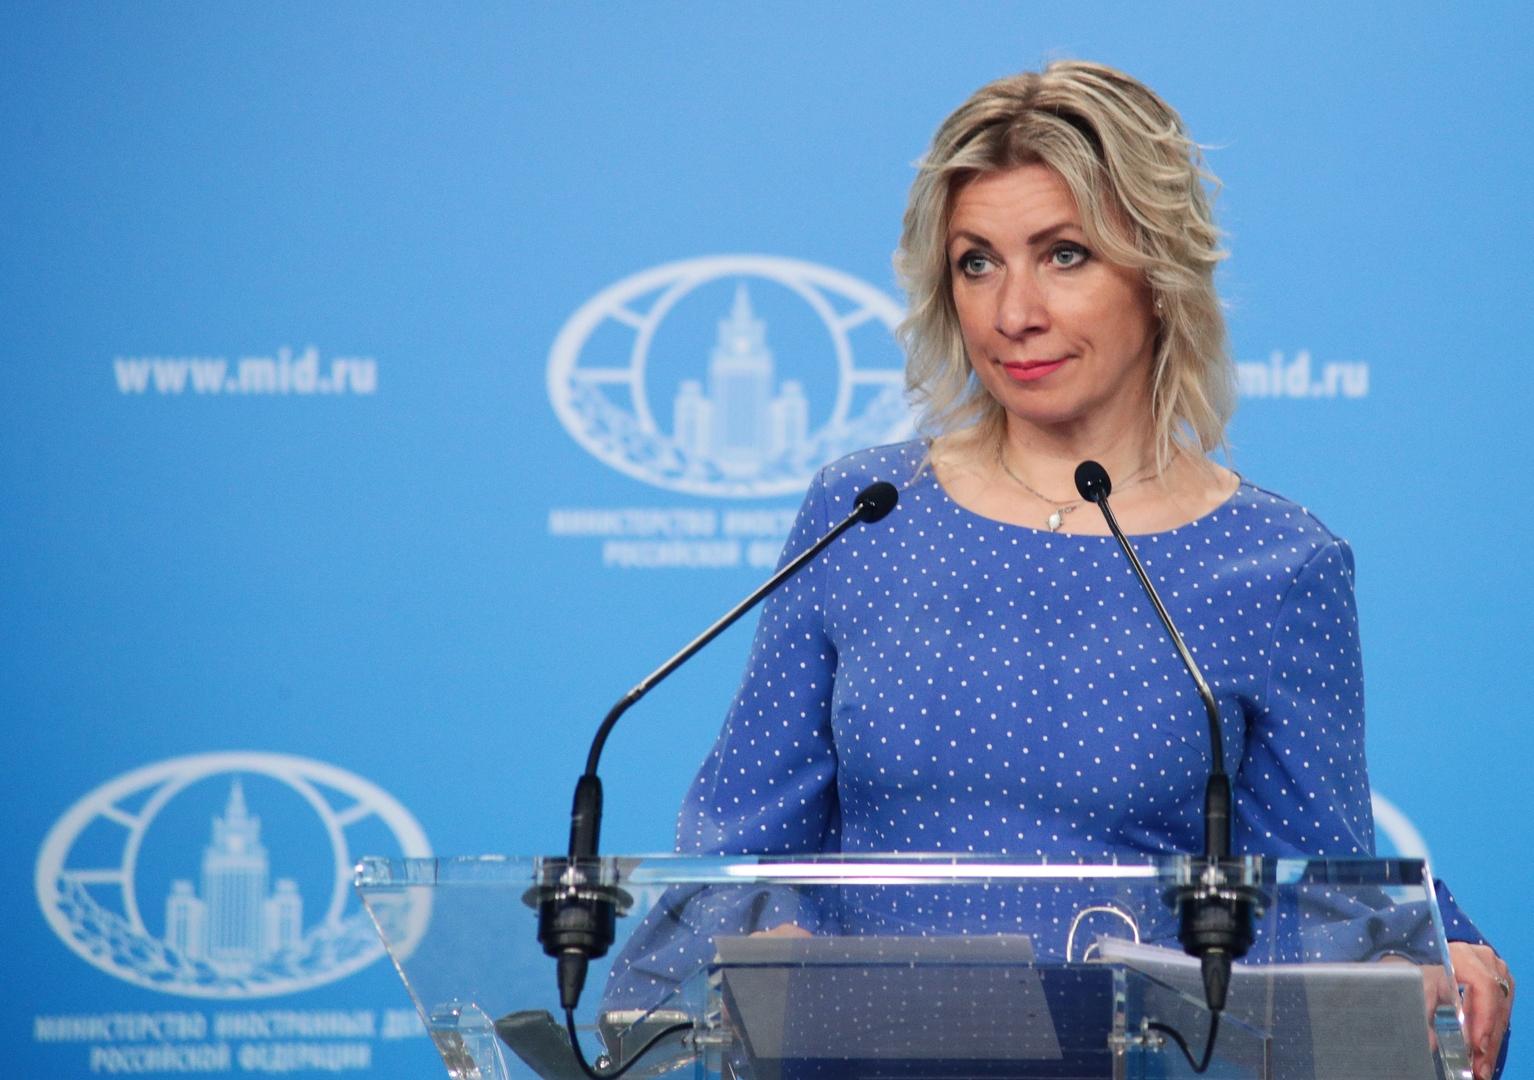 موسكو: تصريحات فرنسا عن اللقاحات تمييزية وتحيي روح الفصل العنصري النازي